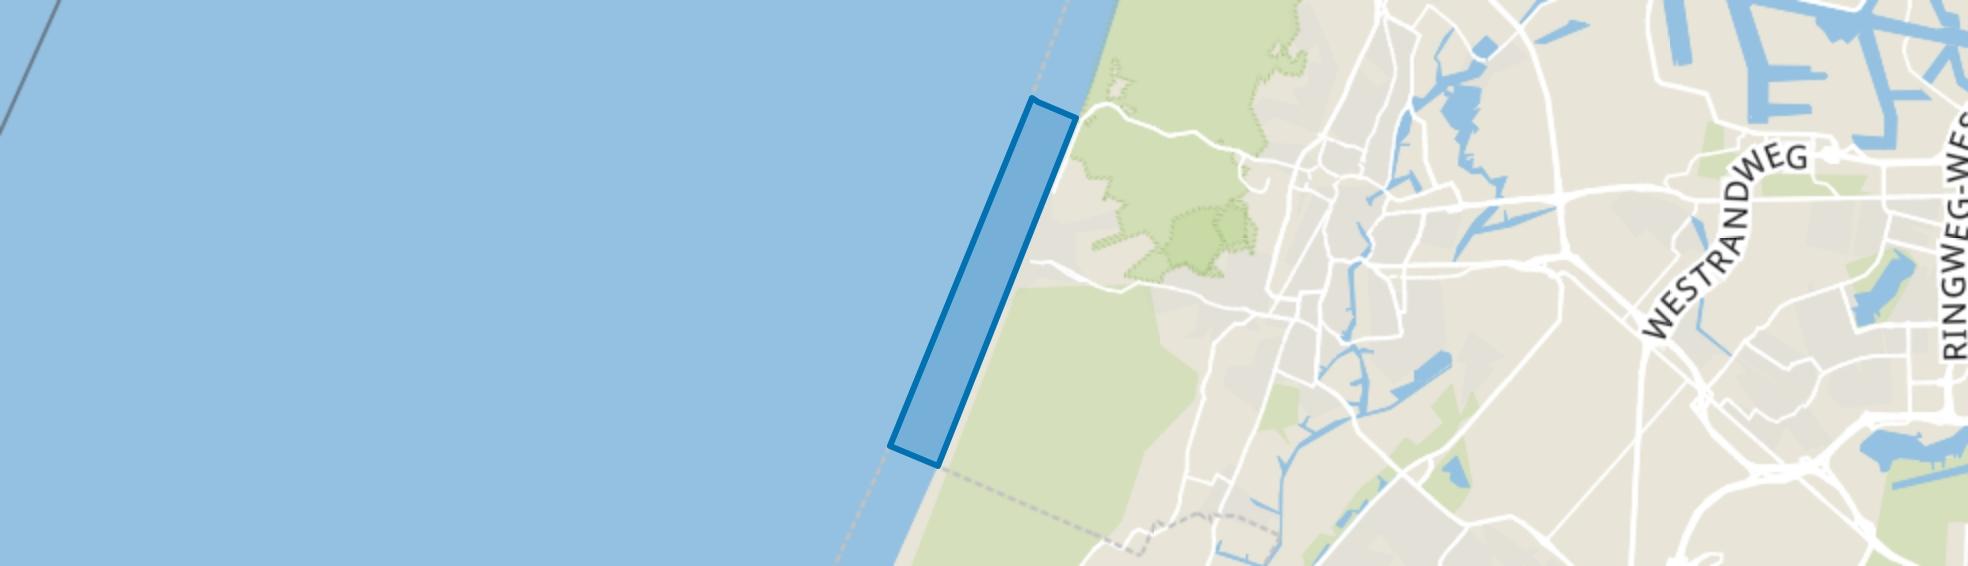 Water, Zandvoort map